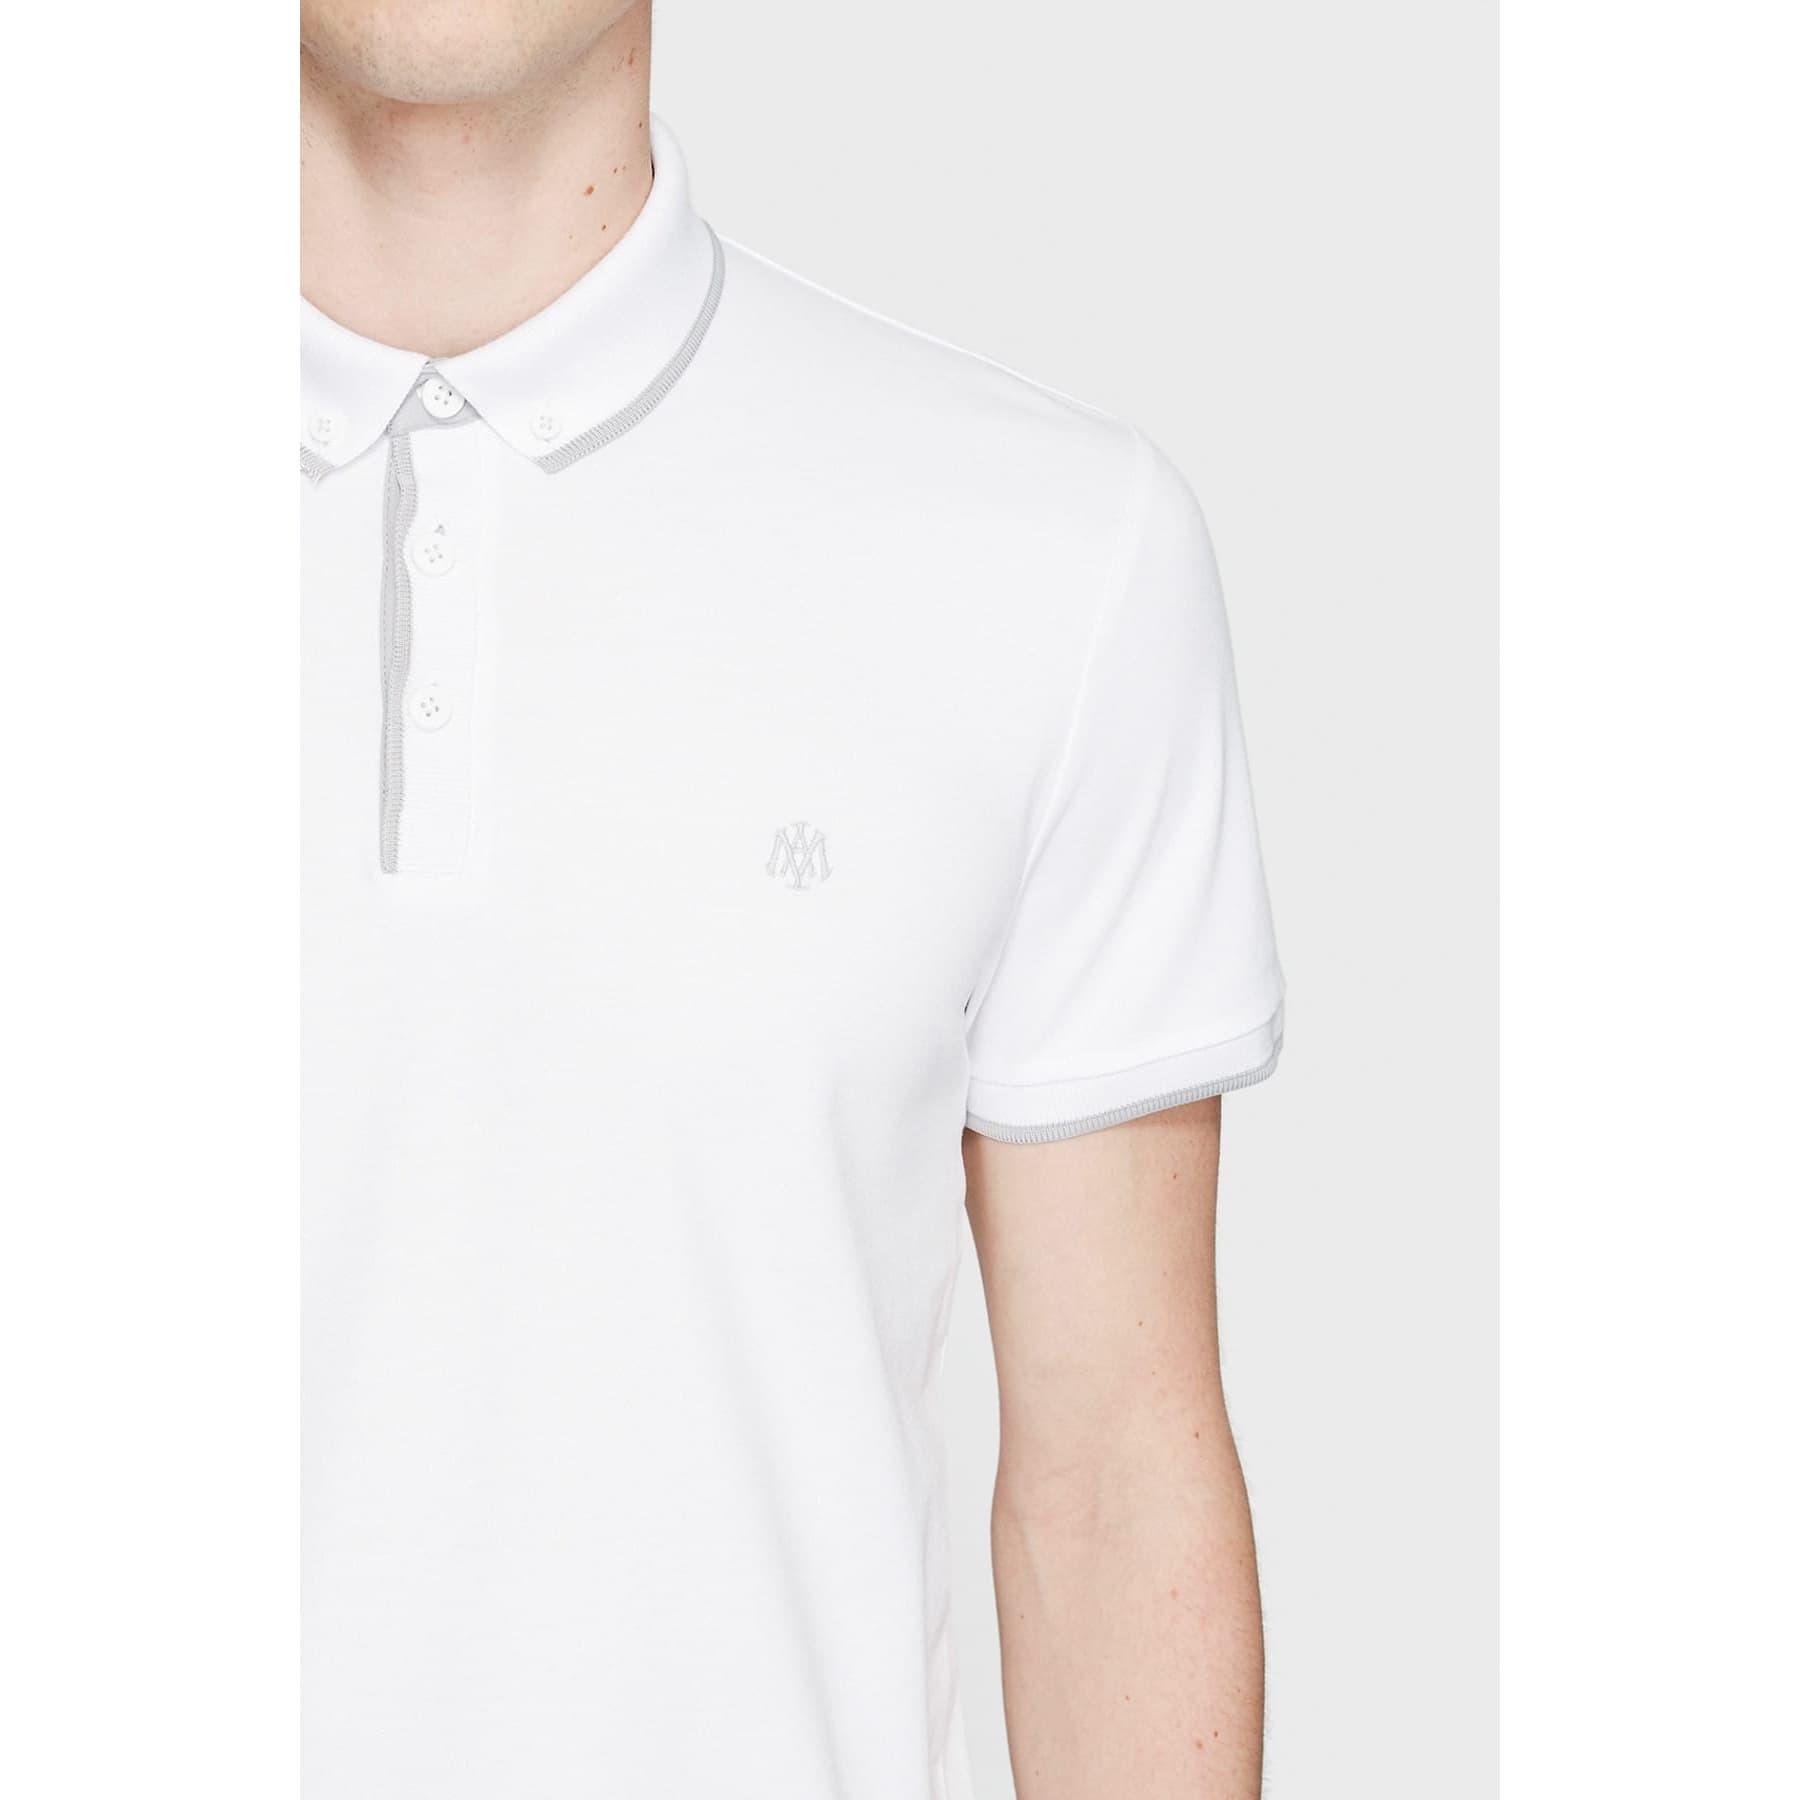 Mavi Jeans Dar Kesim Erkek Beyaz Polo Tişört